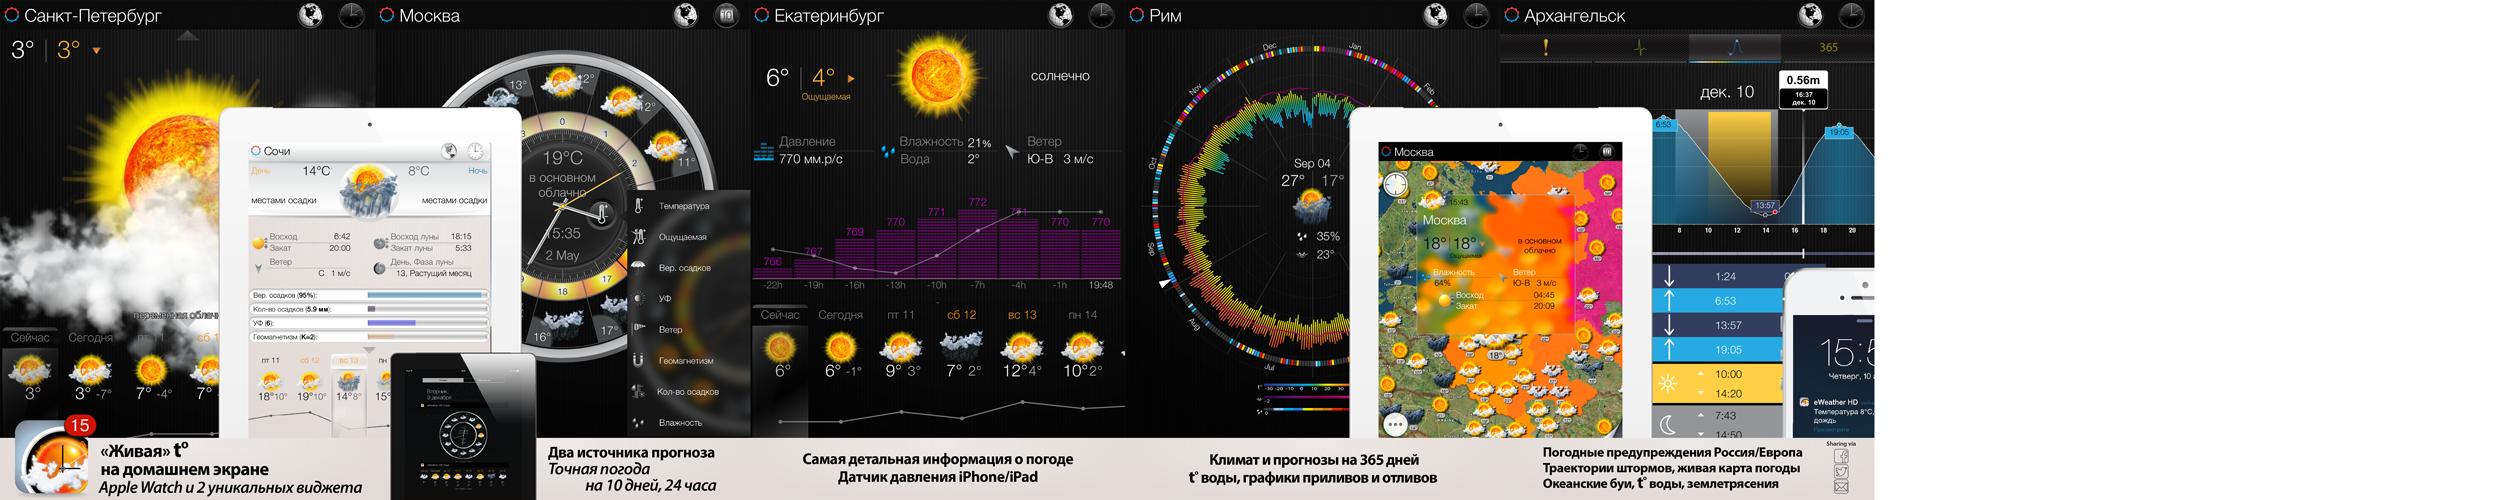 Прогноз погоды, погода для России, Москва, Санкт-Петербург iPhone, iPad, Apple Watch